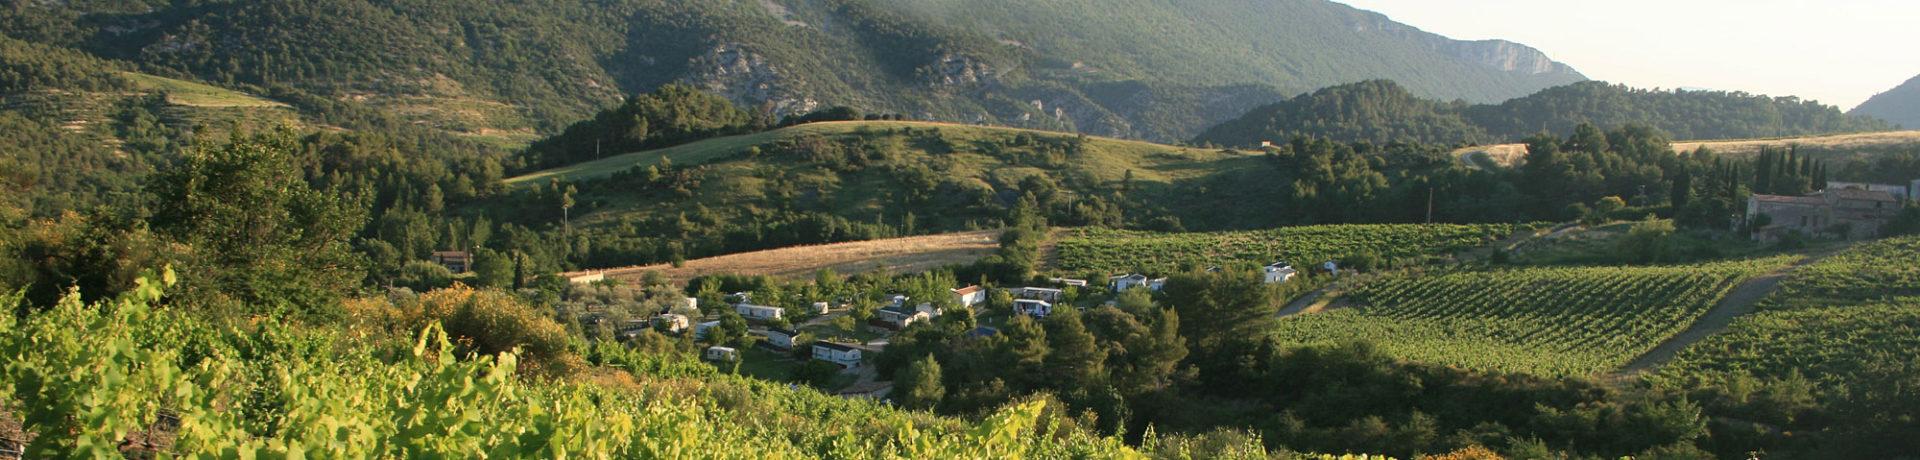 Domaine De La Gautière is een kleine kindercamping in La Penne-sur-l'Ouvèze in de regio Rhône-Alpes met 50 toerplaatsen en 12 huuraccommodaties.